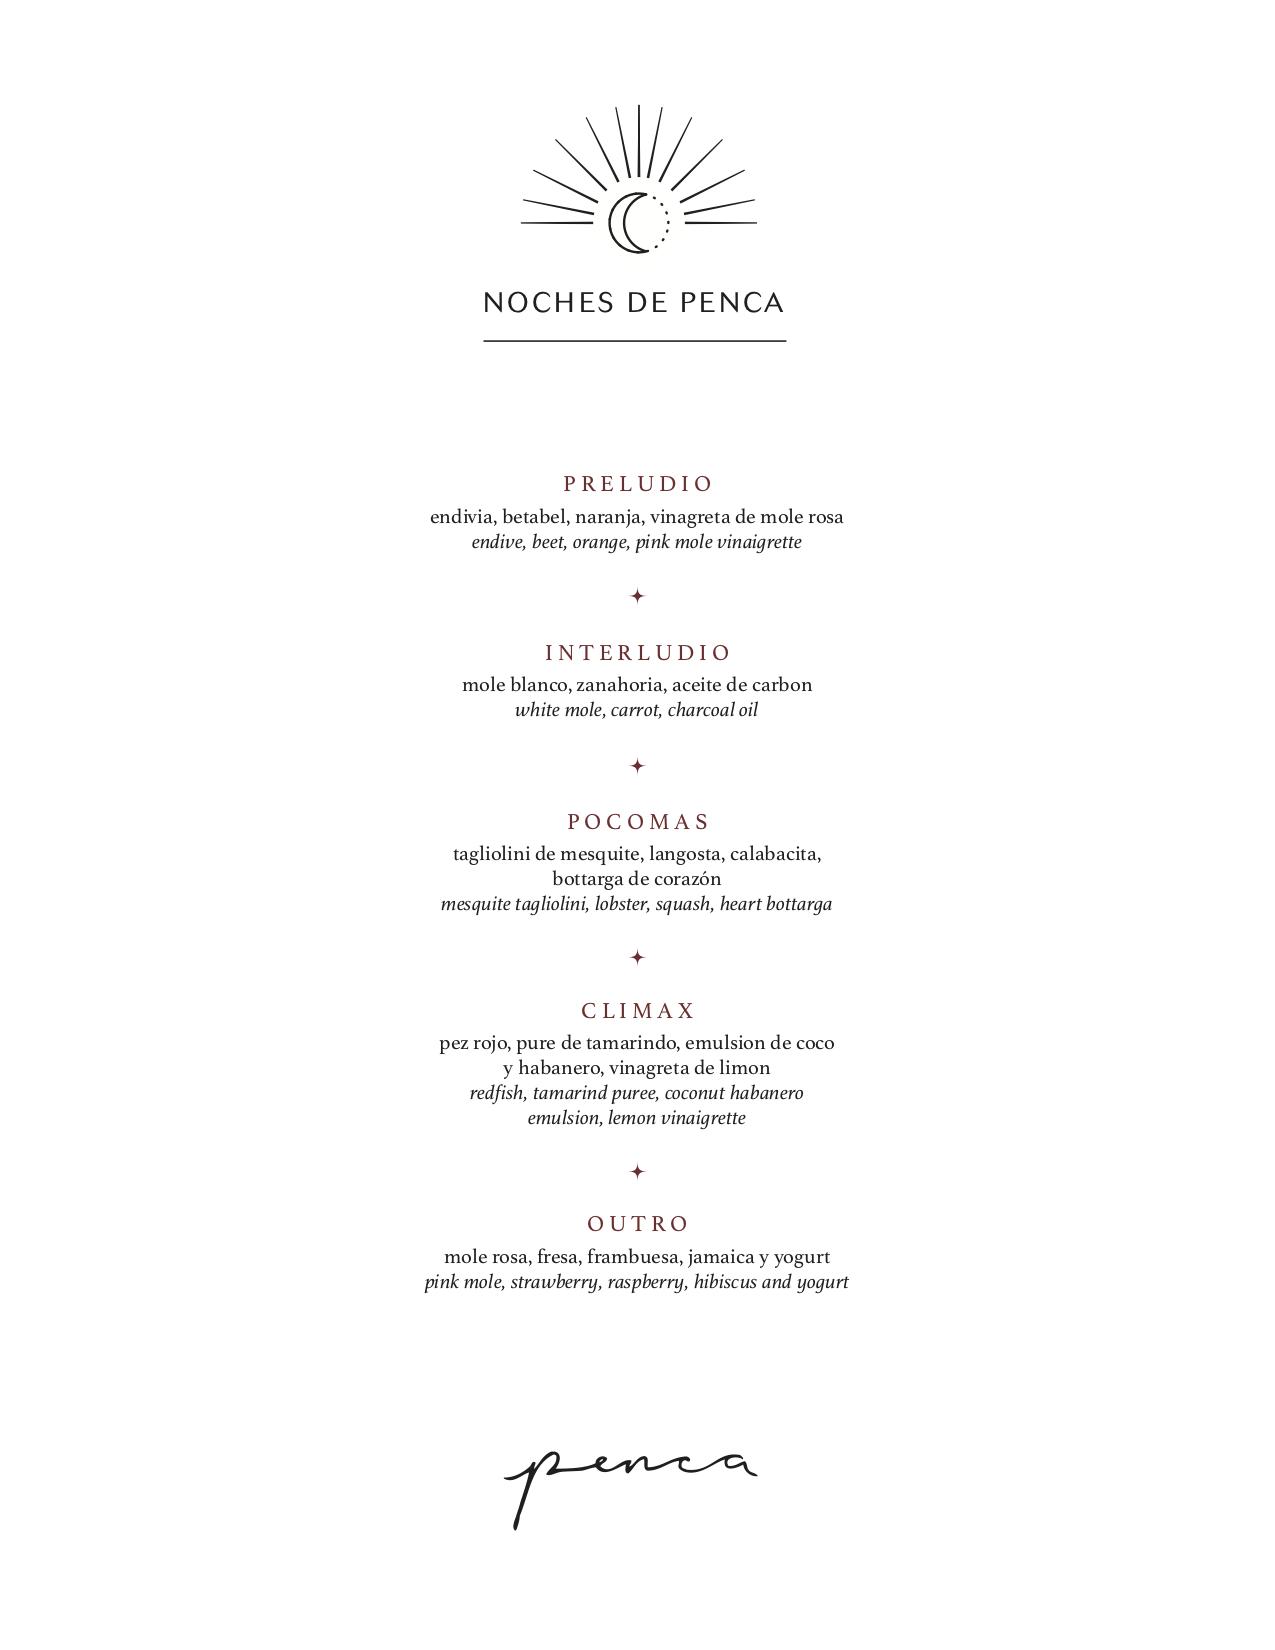 Noches_menu.png